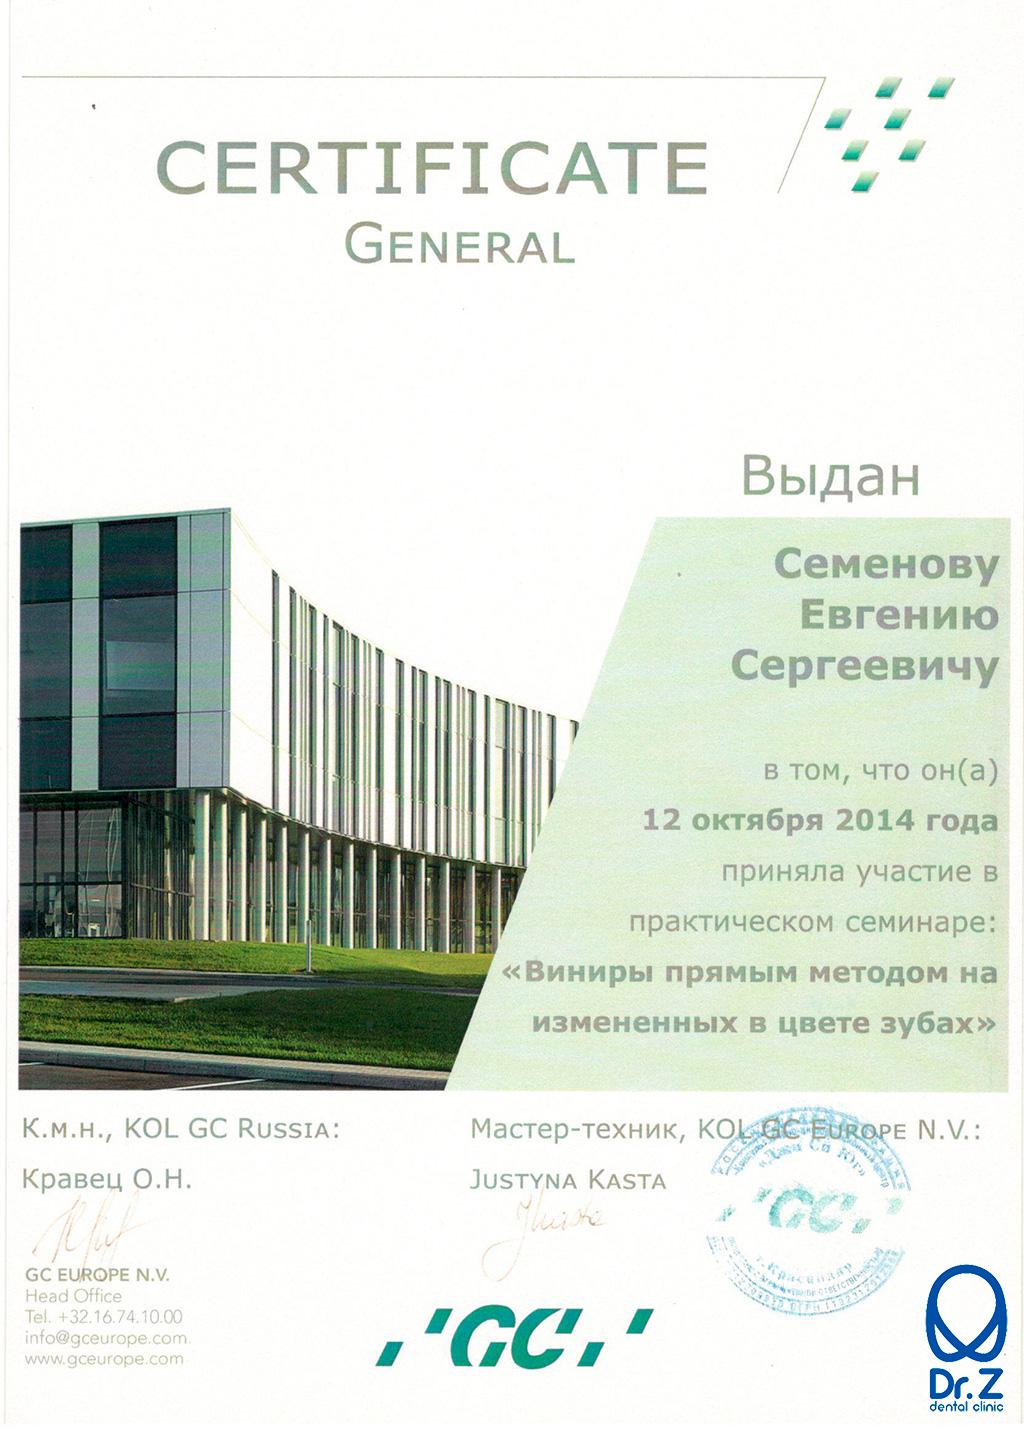 Сертификат выдан Семенову Евгению Сергеевичу за участие в семинаре